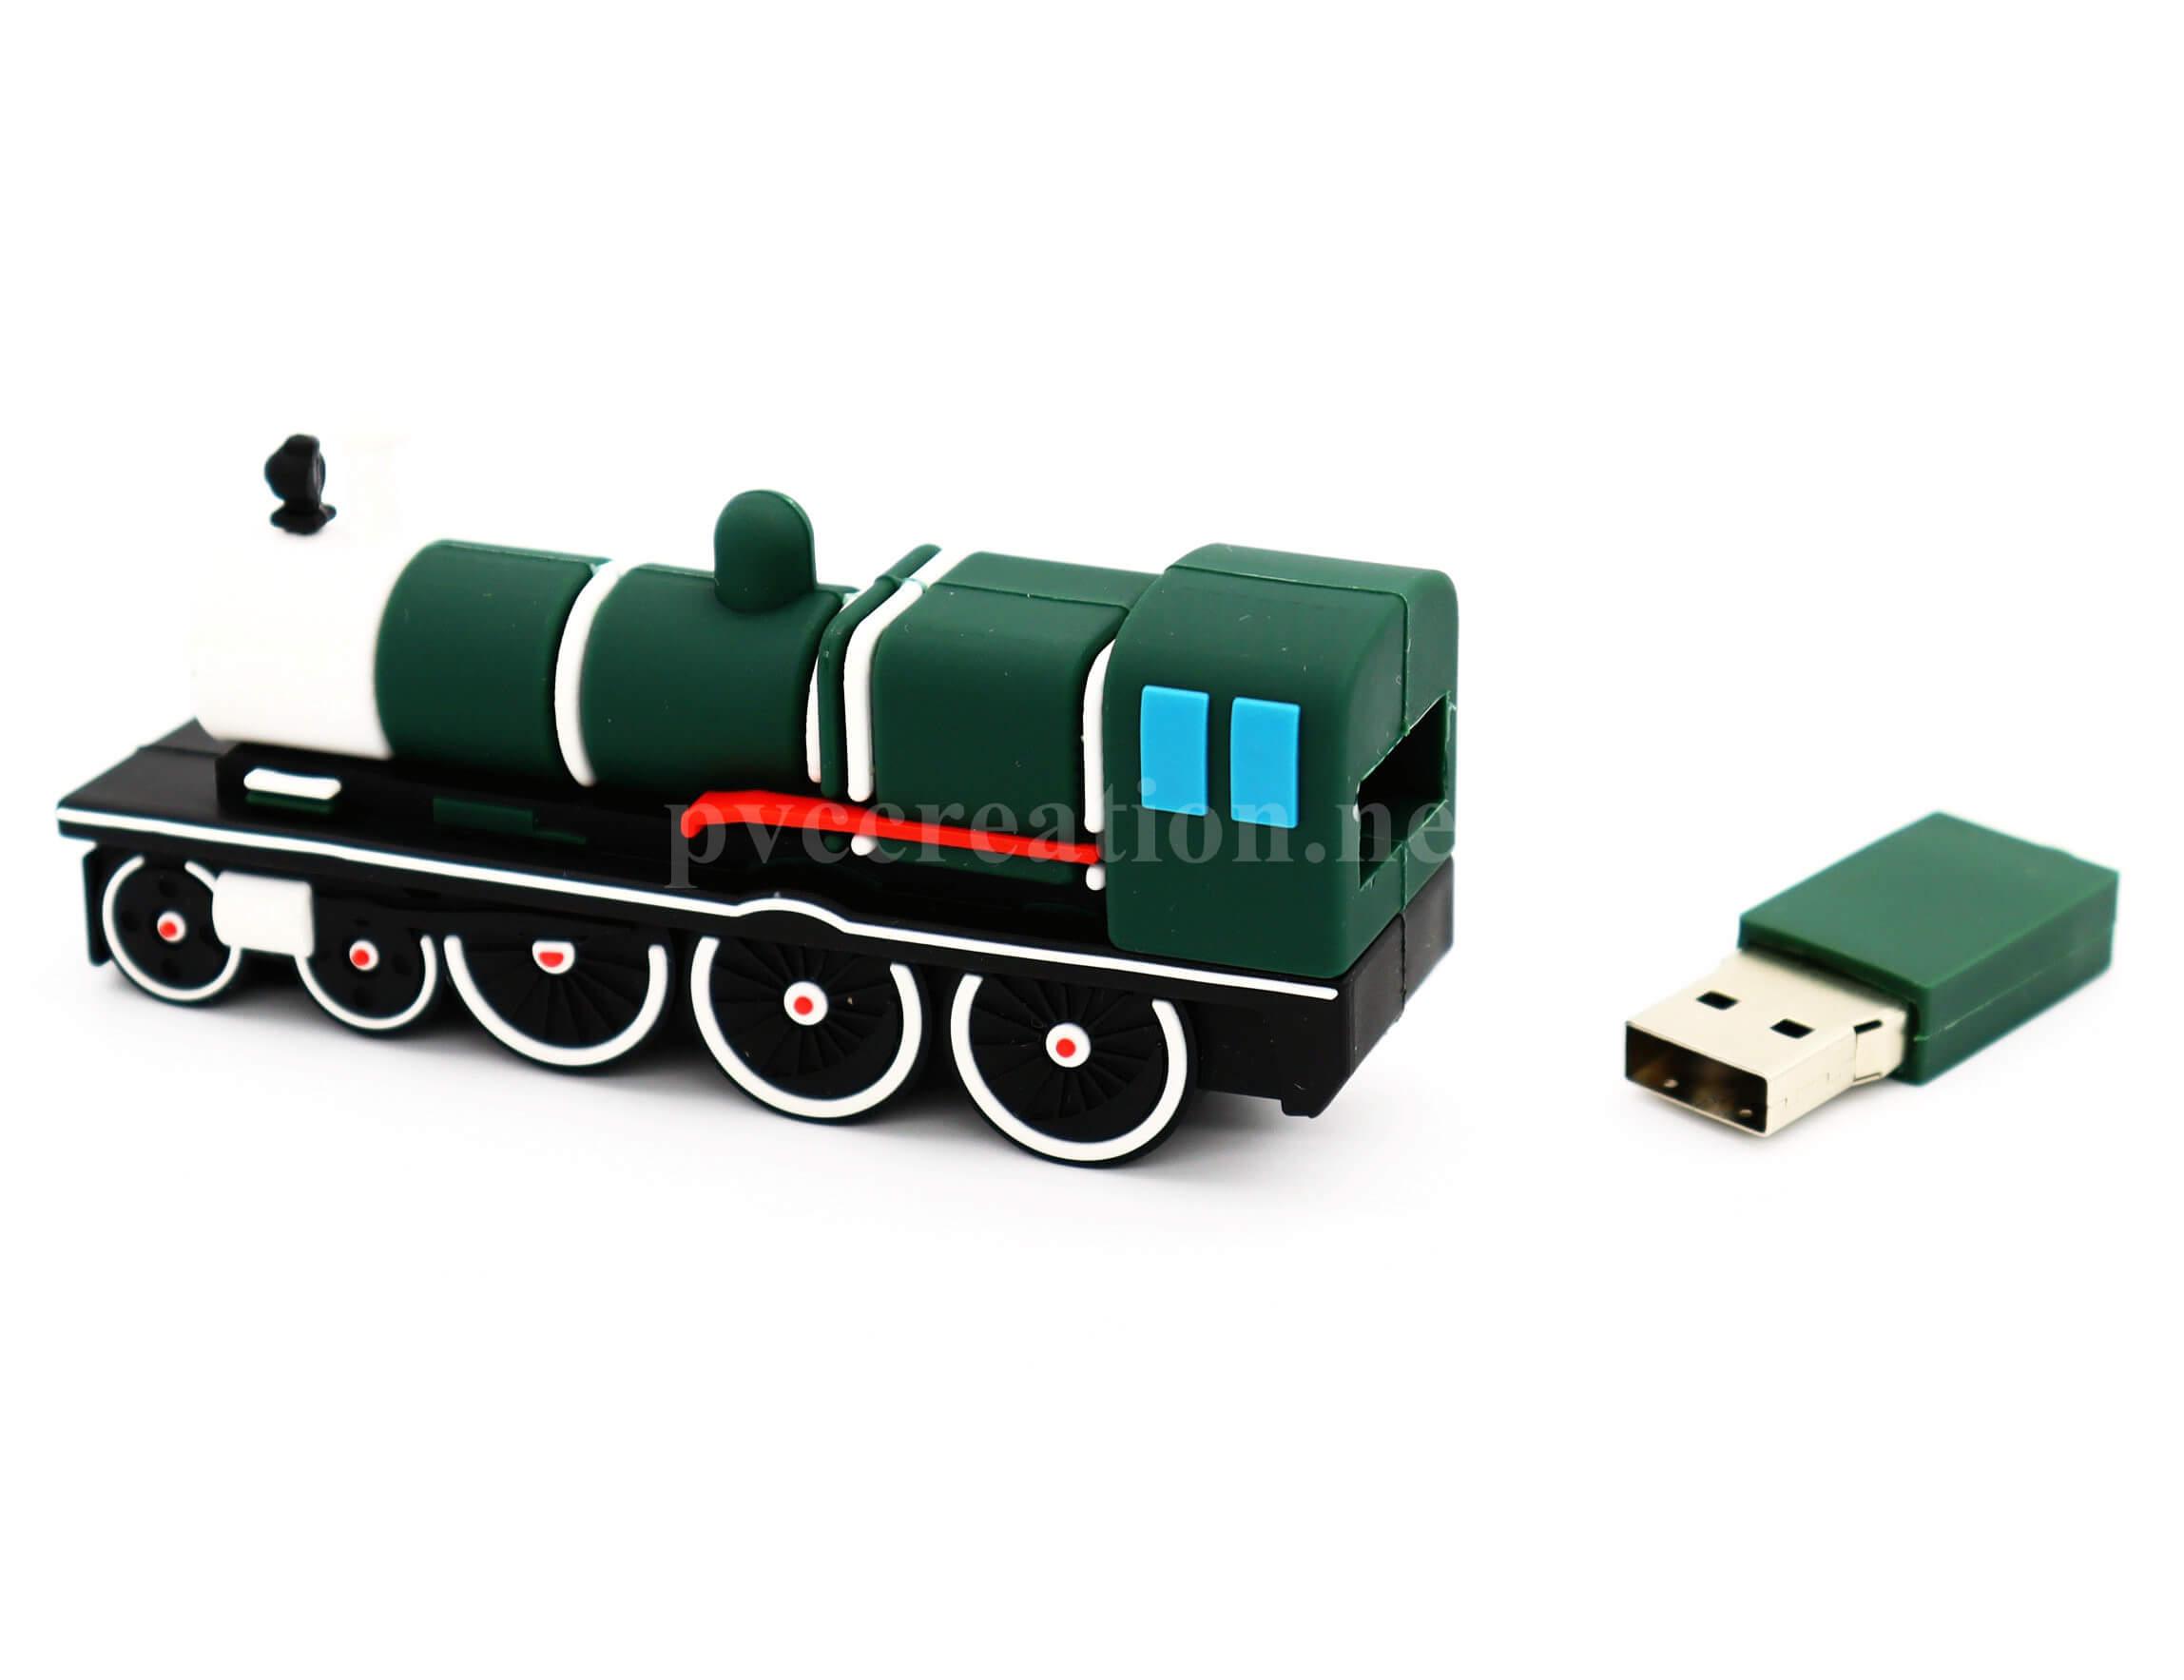 USB PEN DRIVE FACTORY (2)